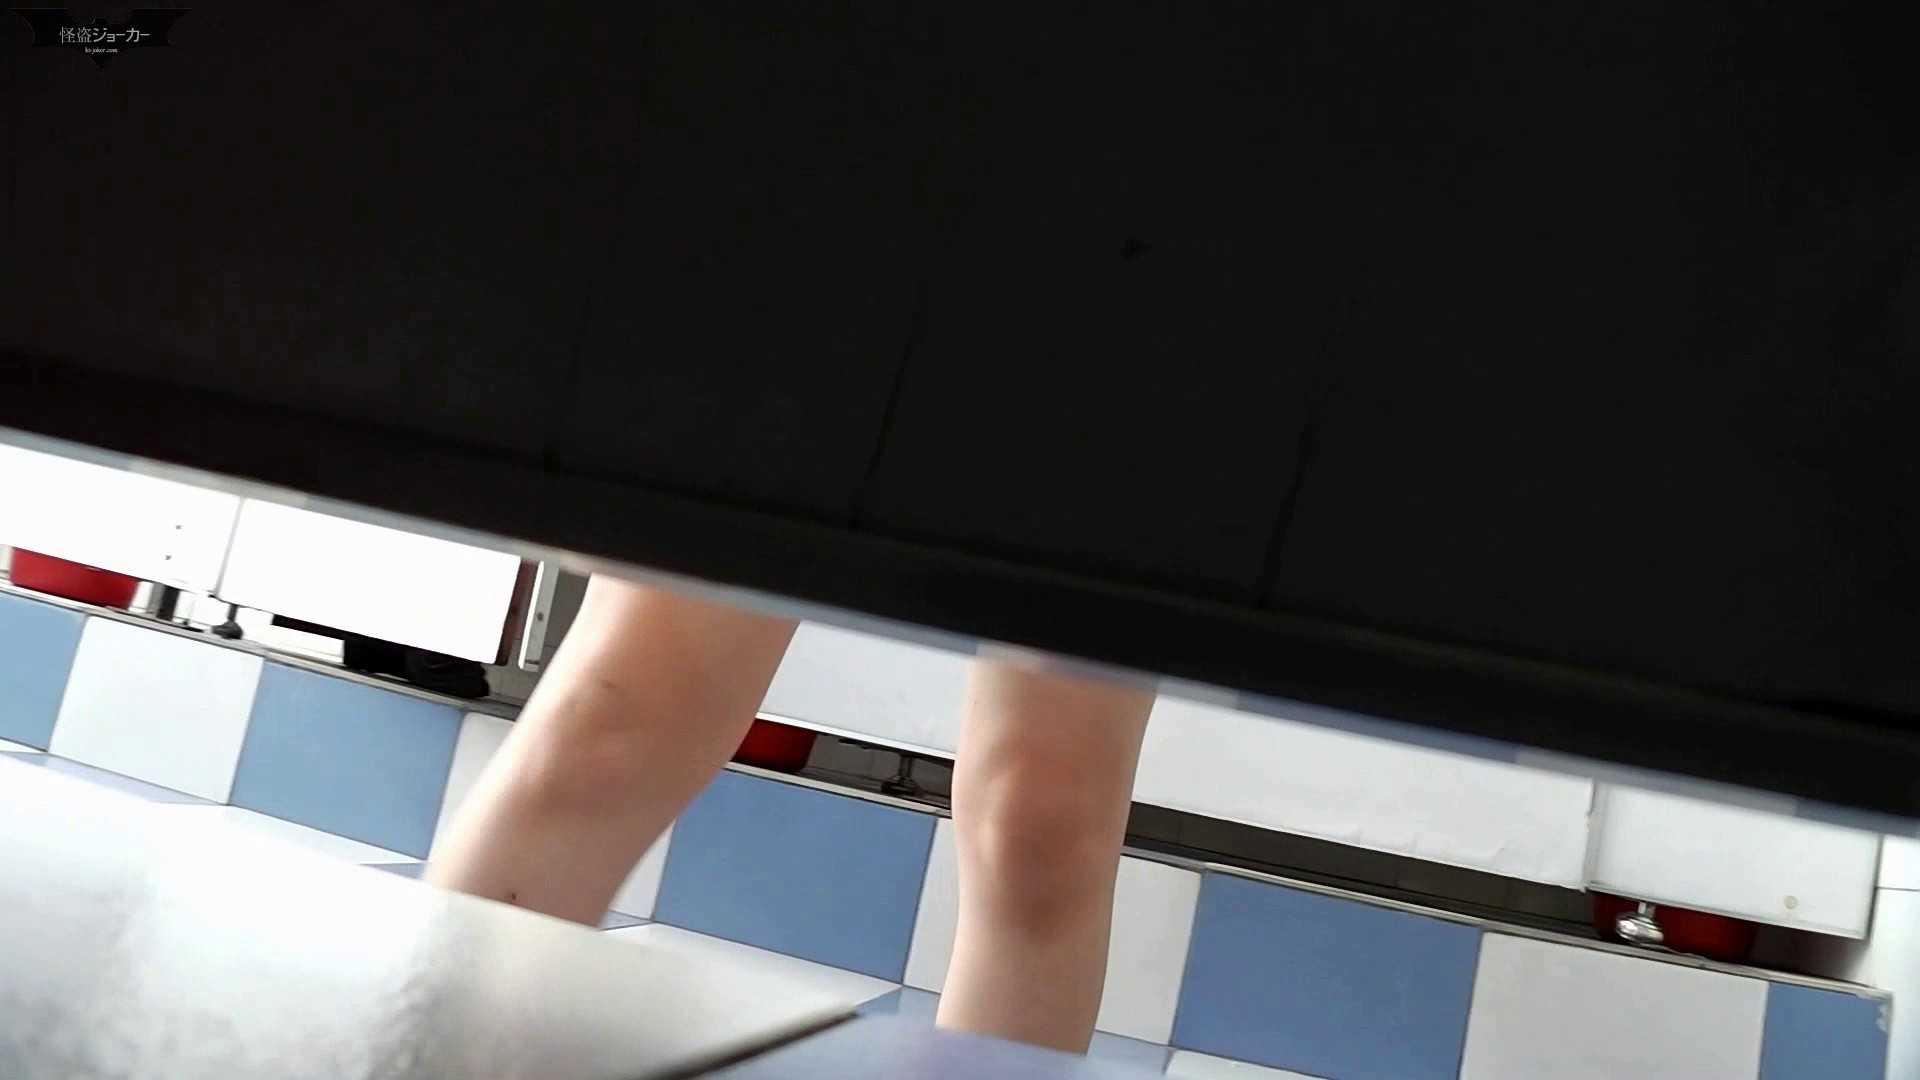 Vol.06 ピチピチが入室きめ細かくマッシュルームのような肌に癒される 高画質 ぱこり動画紹介 104画像 5